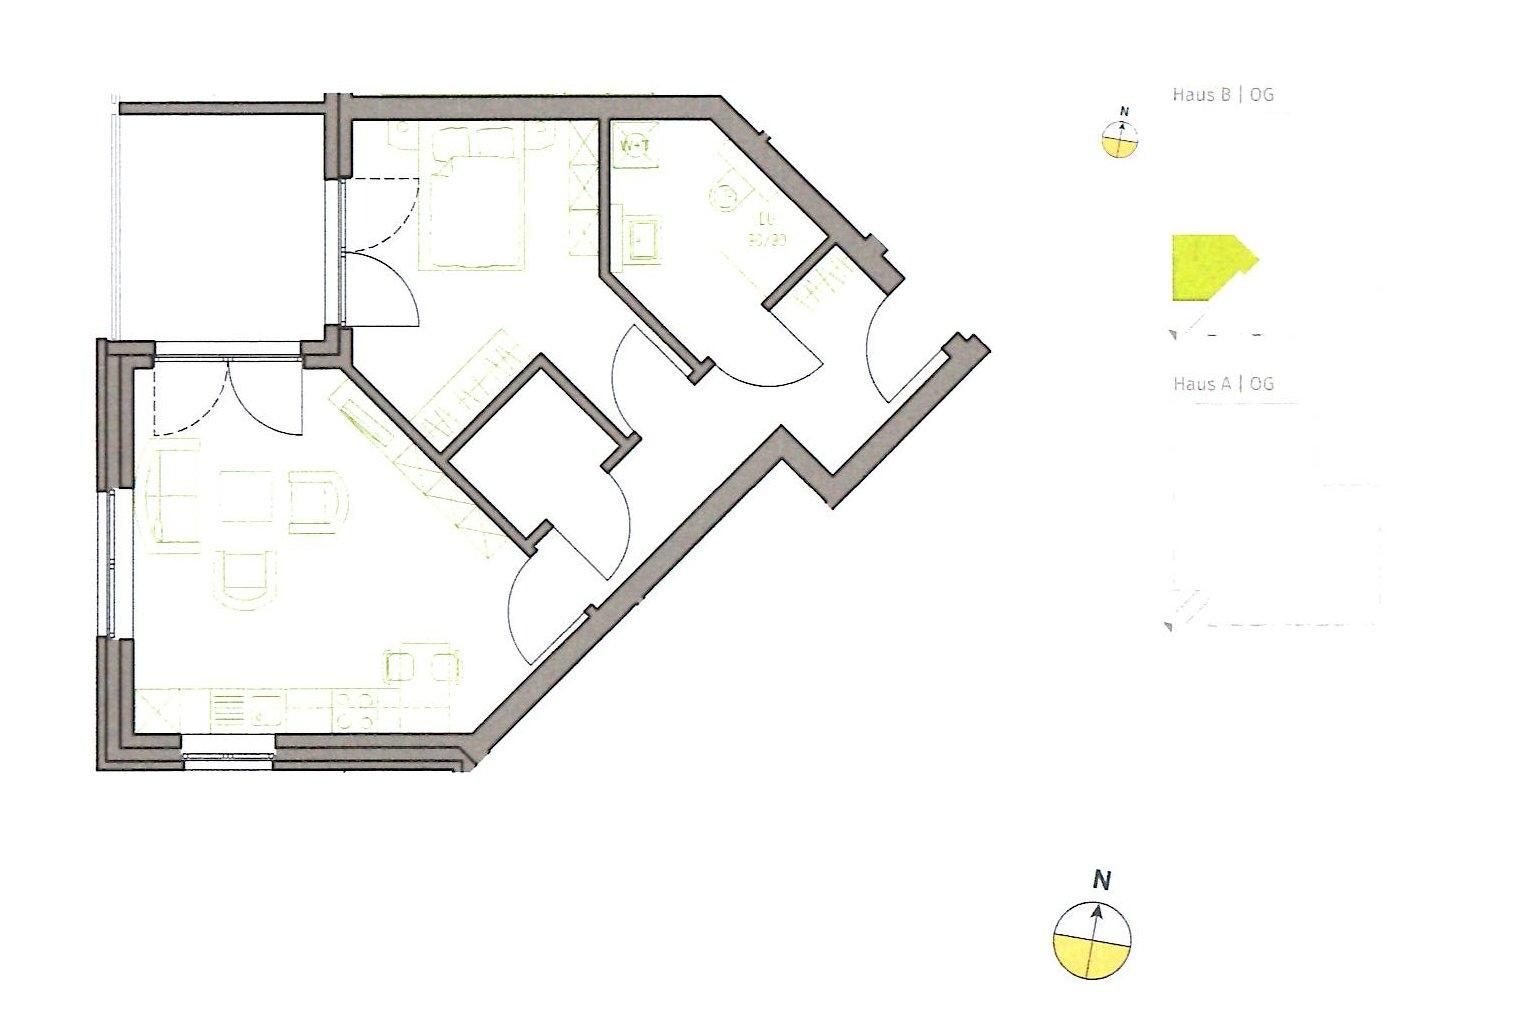 Grundriss Wohnung B 1.08